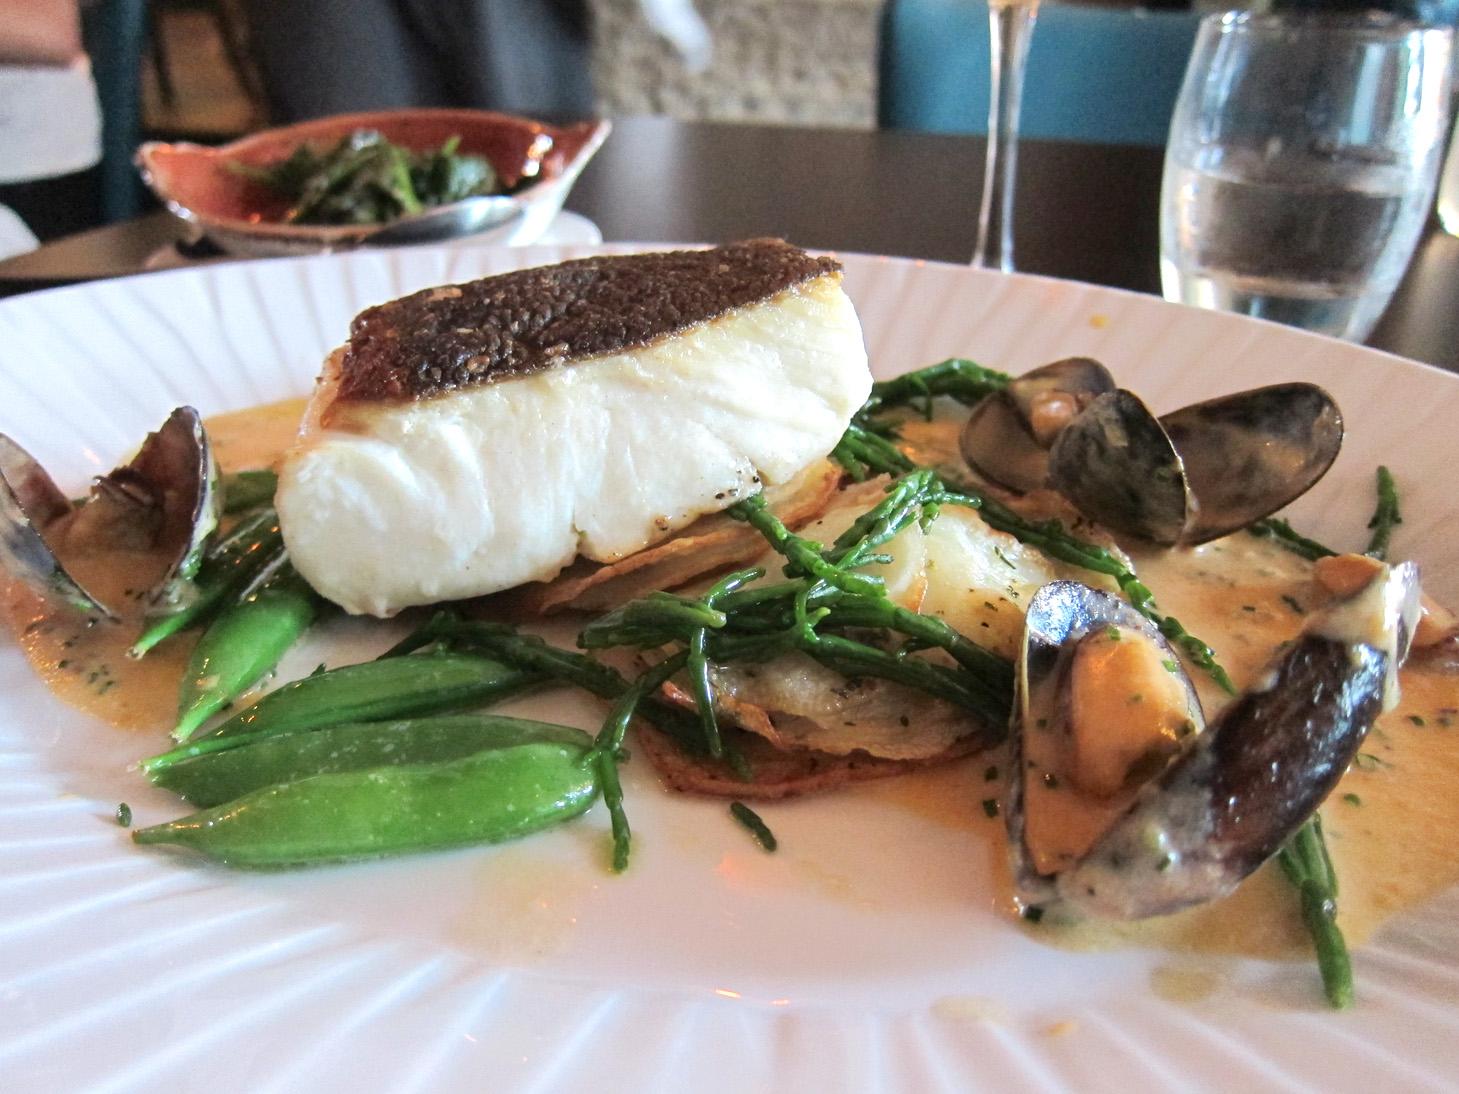 Harrogate - The West Park Hotel Dinner